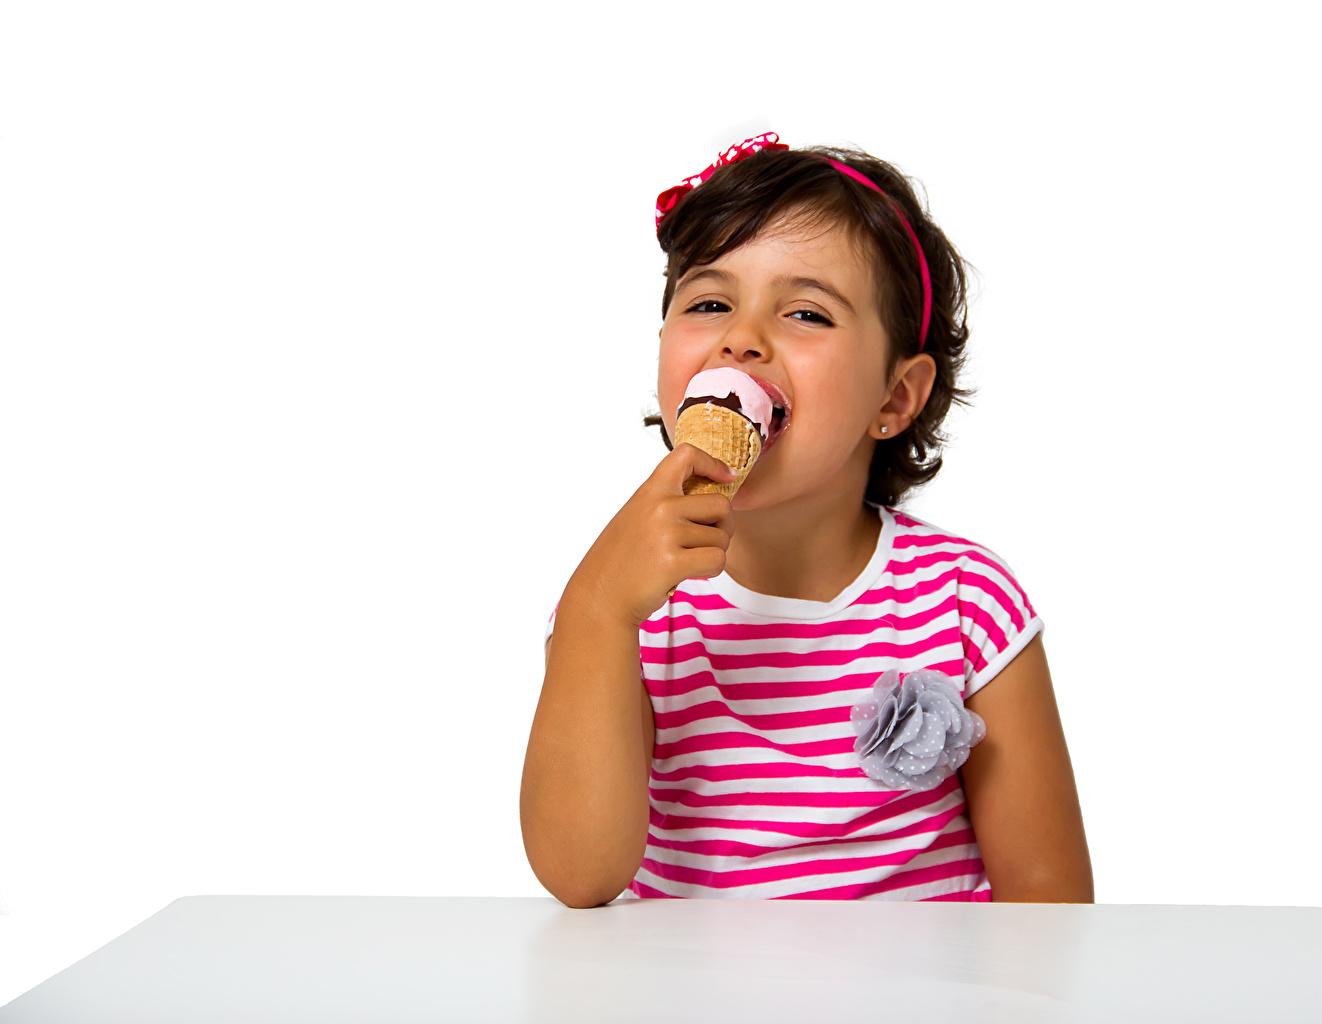 Картинка Девочки Улыбка Дети Мороженое белом фоне девочка улыбается ребёнок Белый фон белым фоном